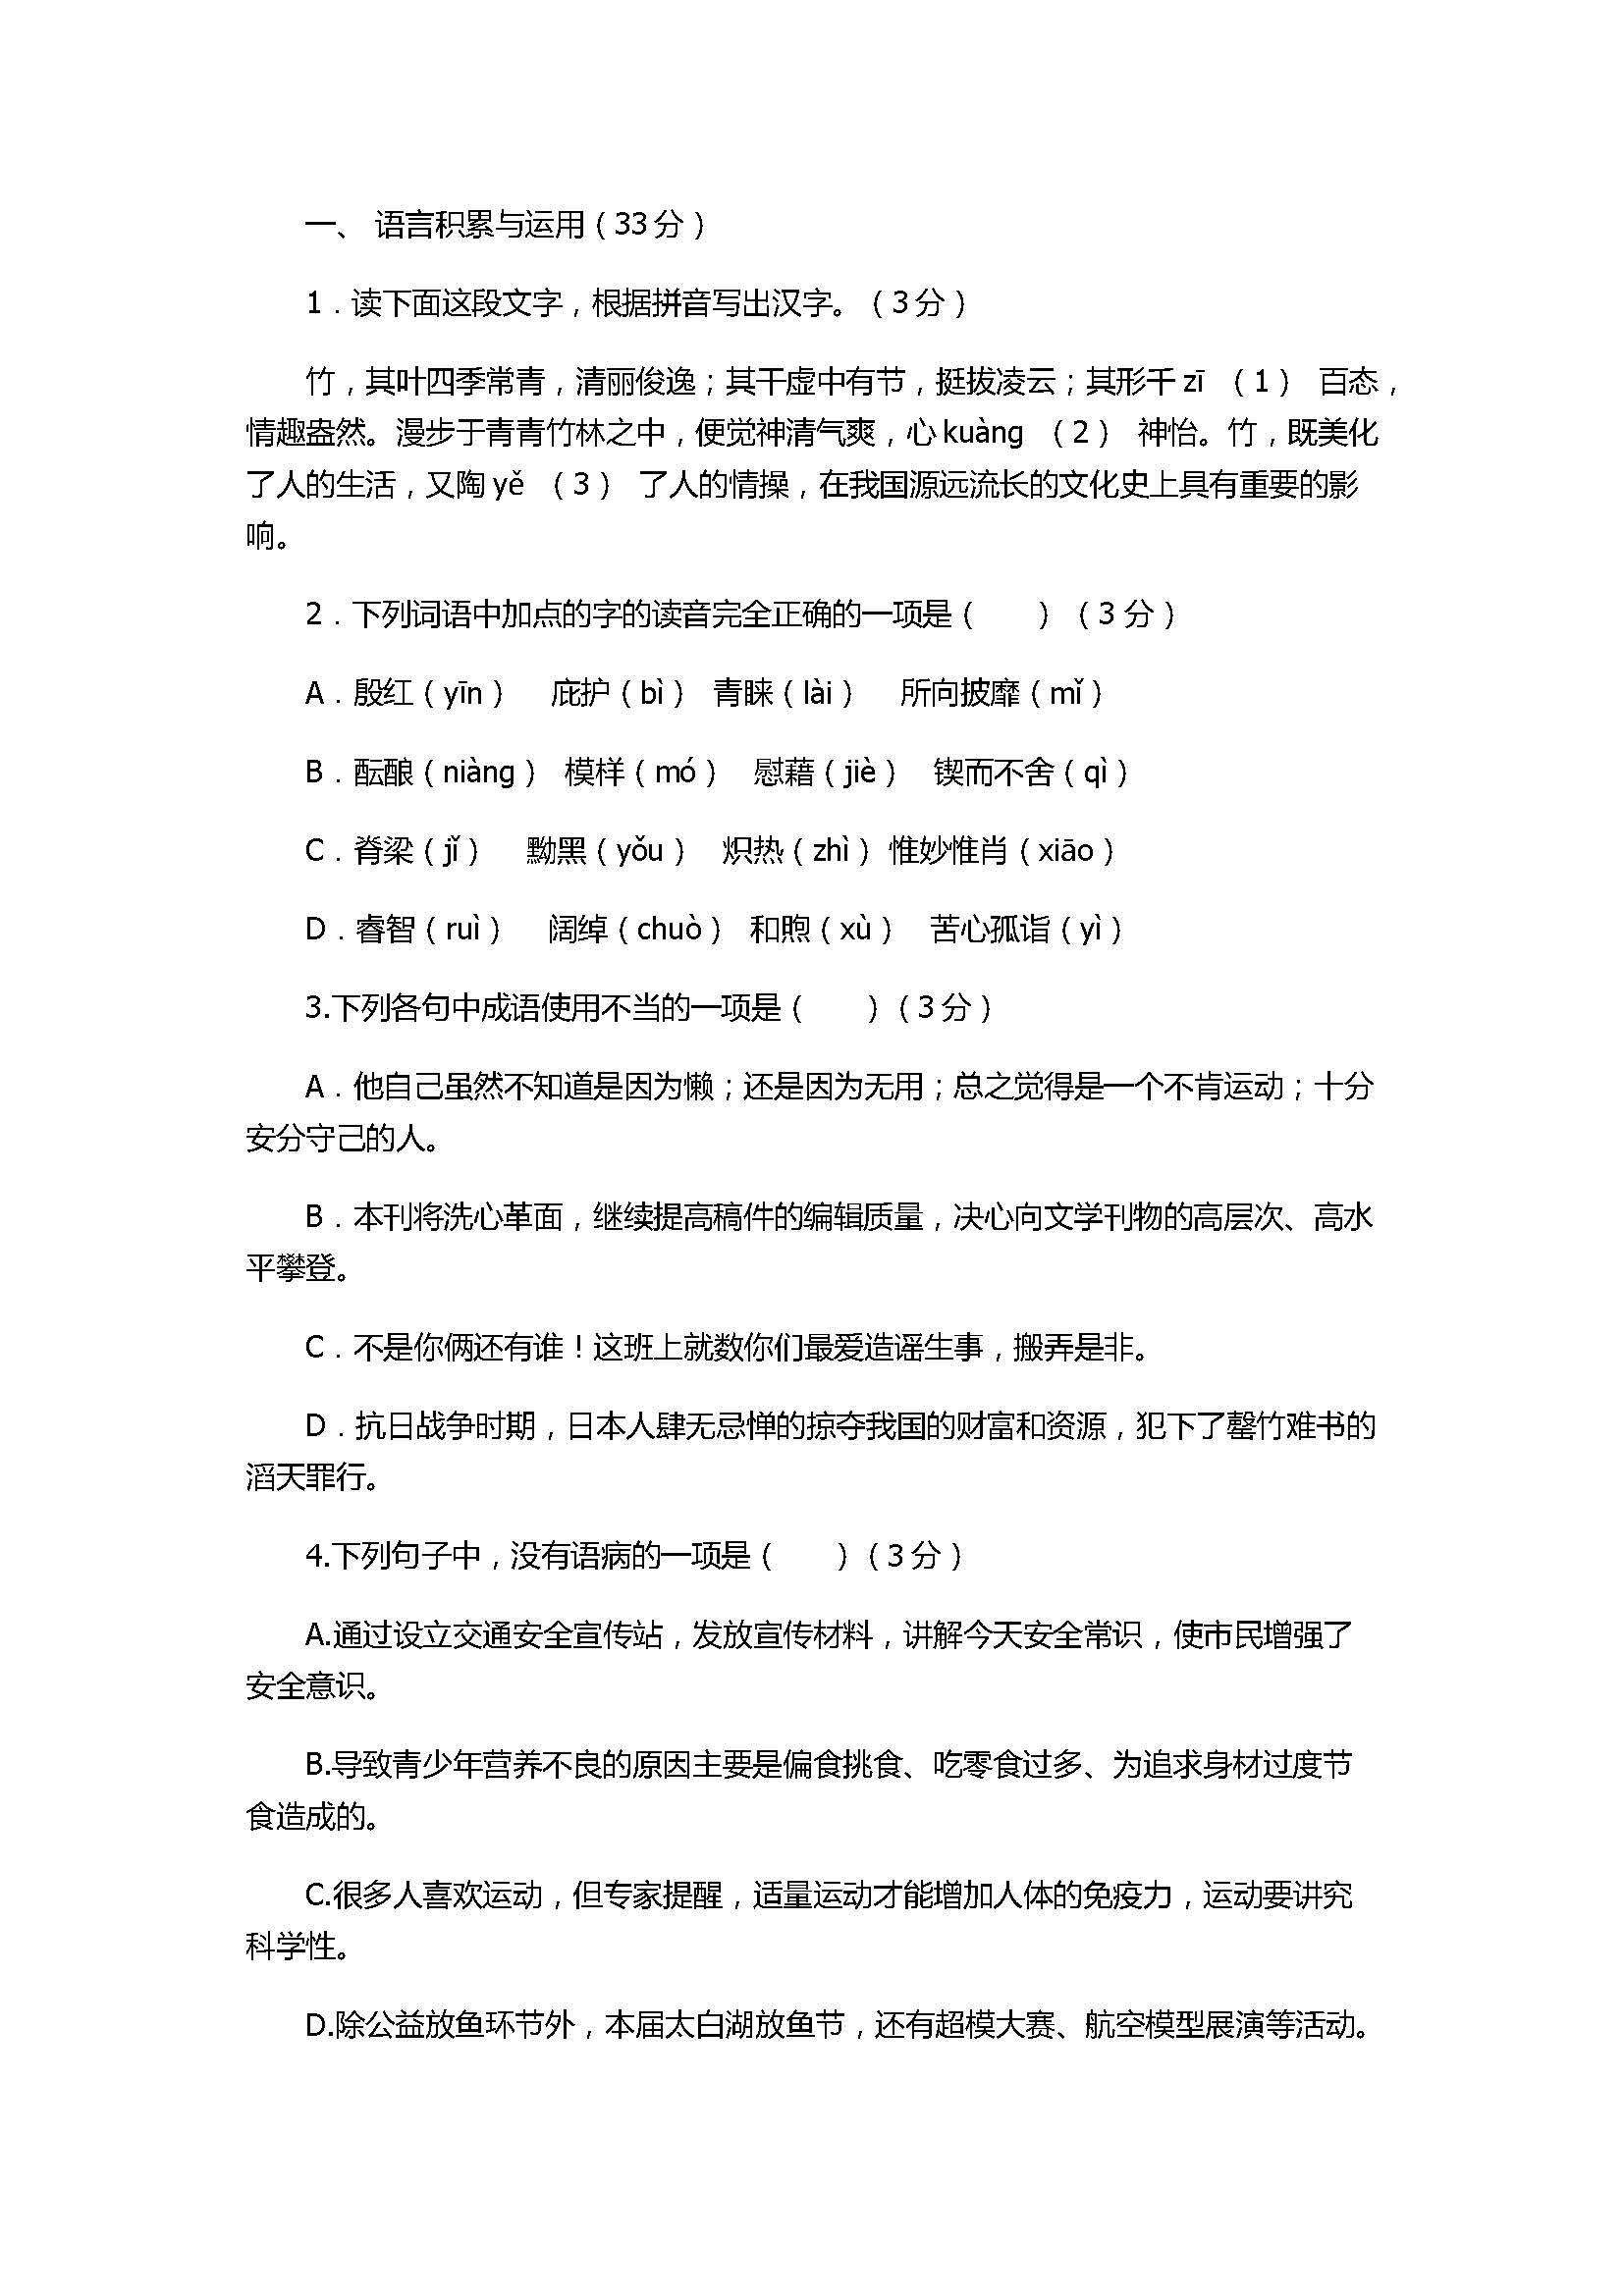 2017八年级语文下册期中考试卷含参考答案(北师大版)